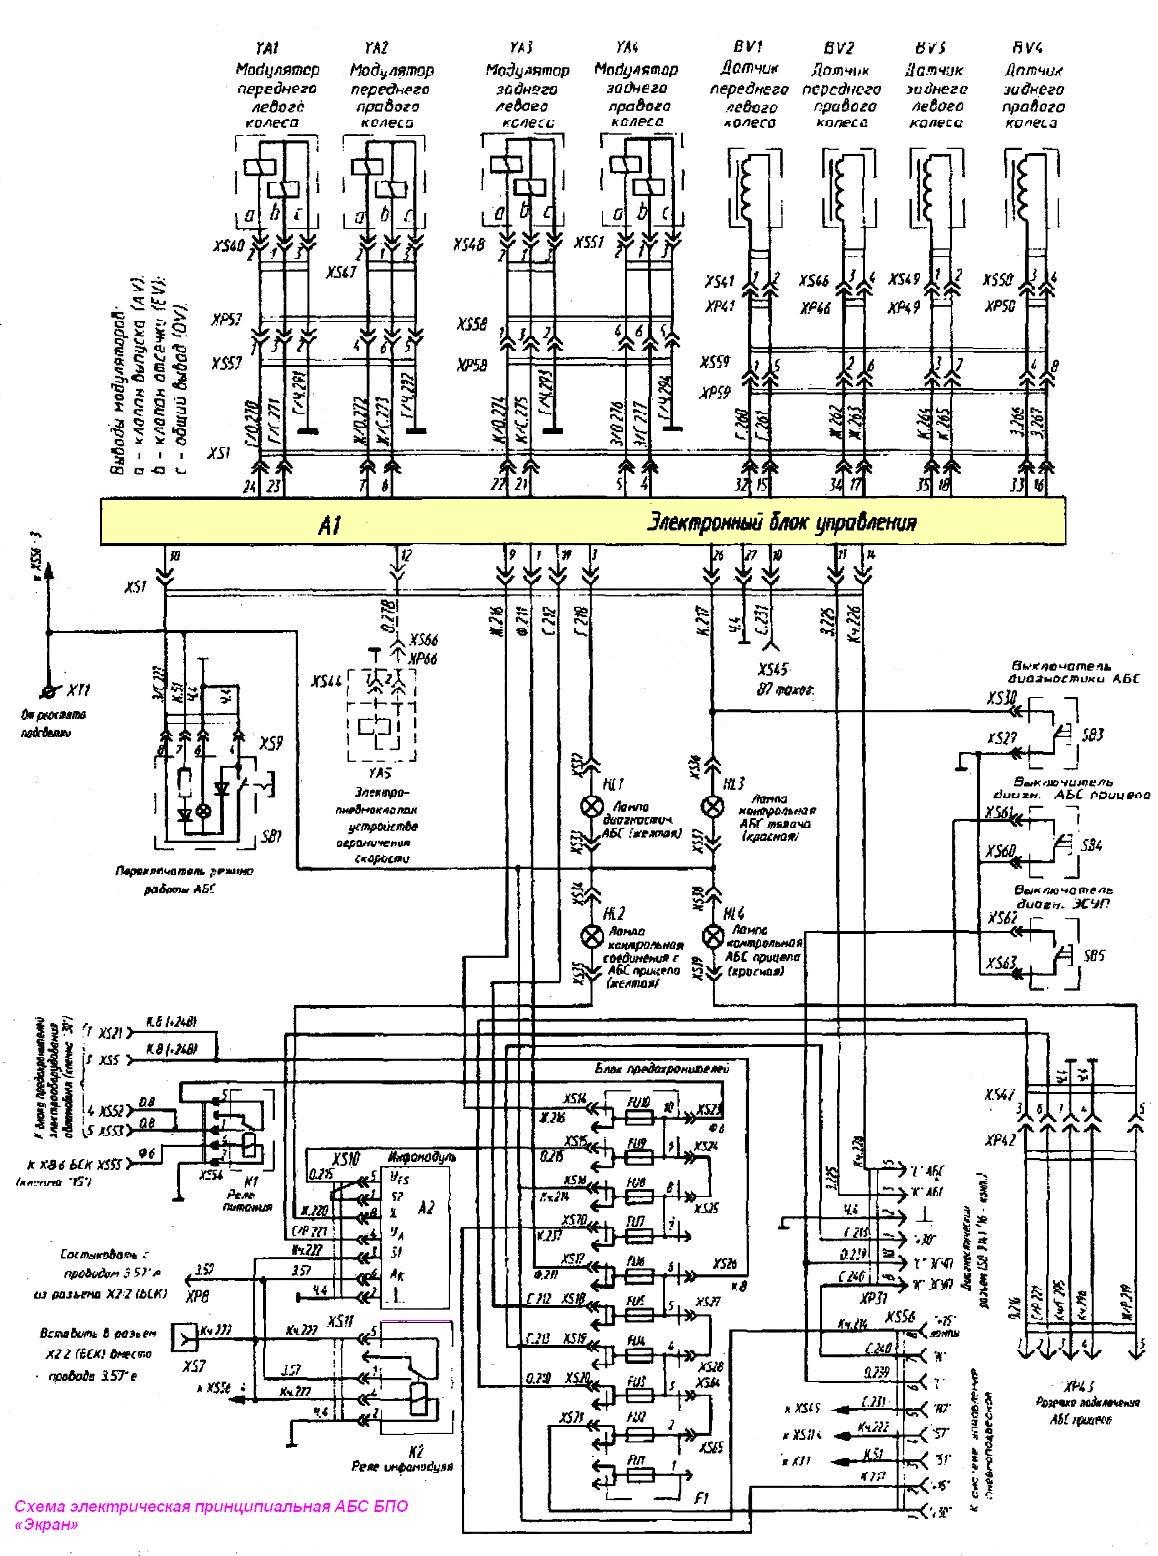 Электрическая схема на английском